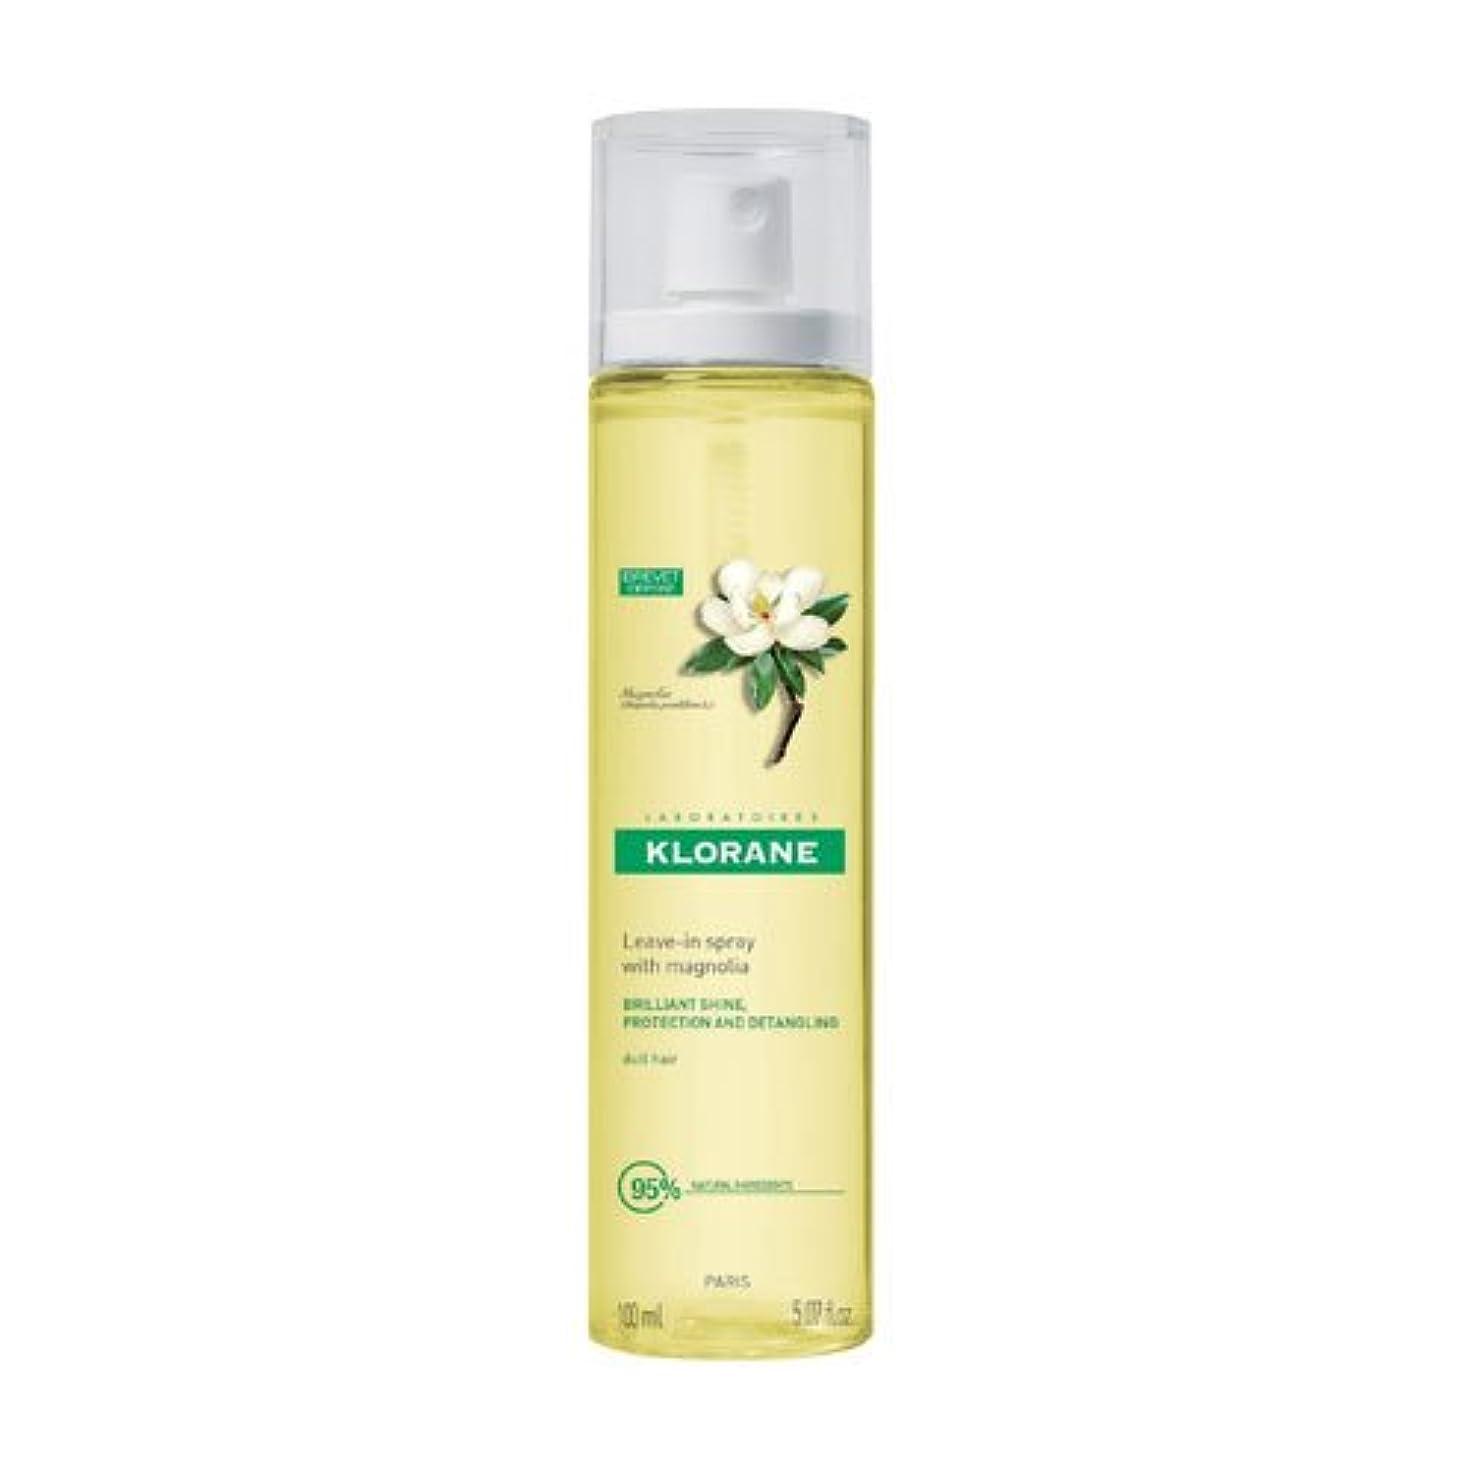 再生アーティファクト解明Klorane Magnolia Wax Water Gloss 100ml [並行輸入品]